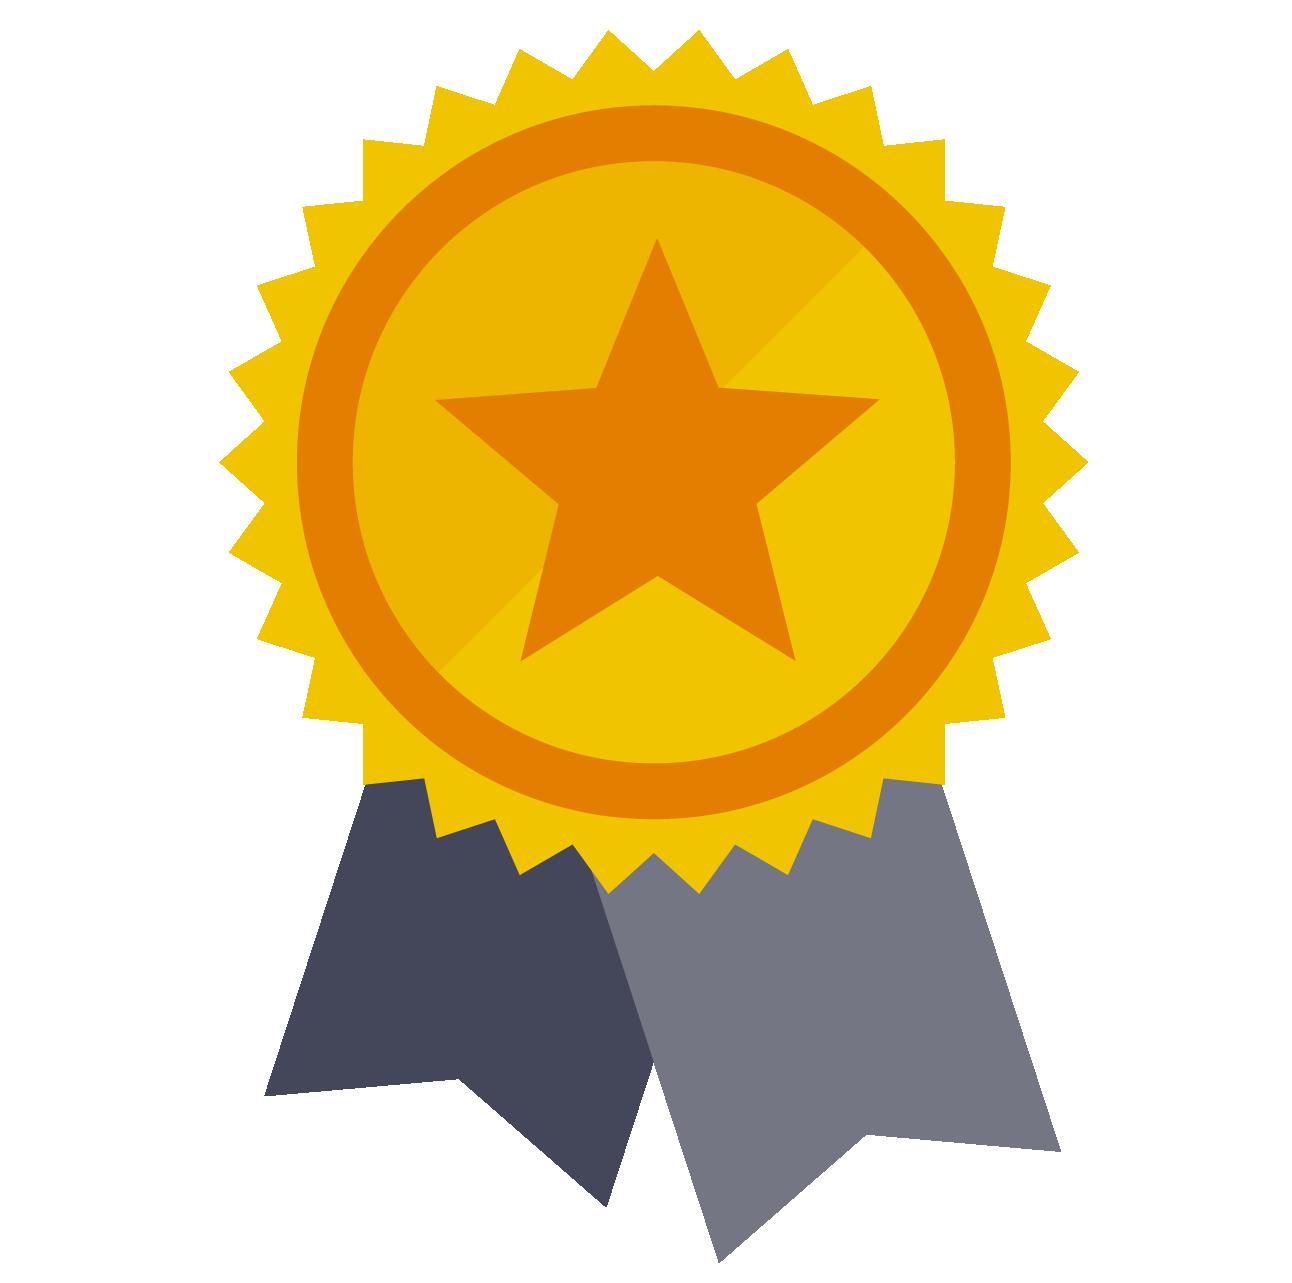 award-icon-06.png